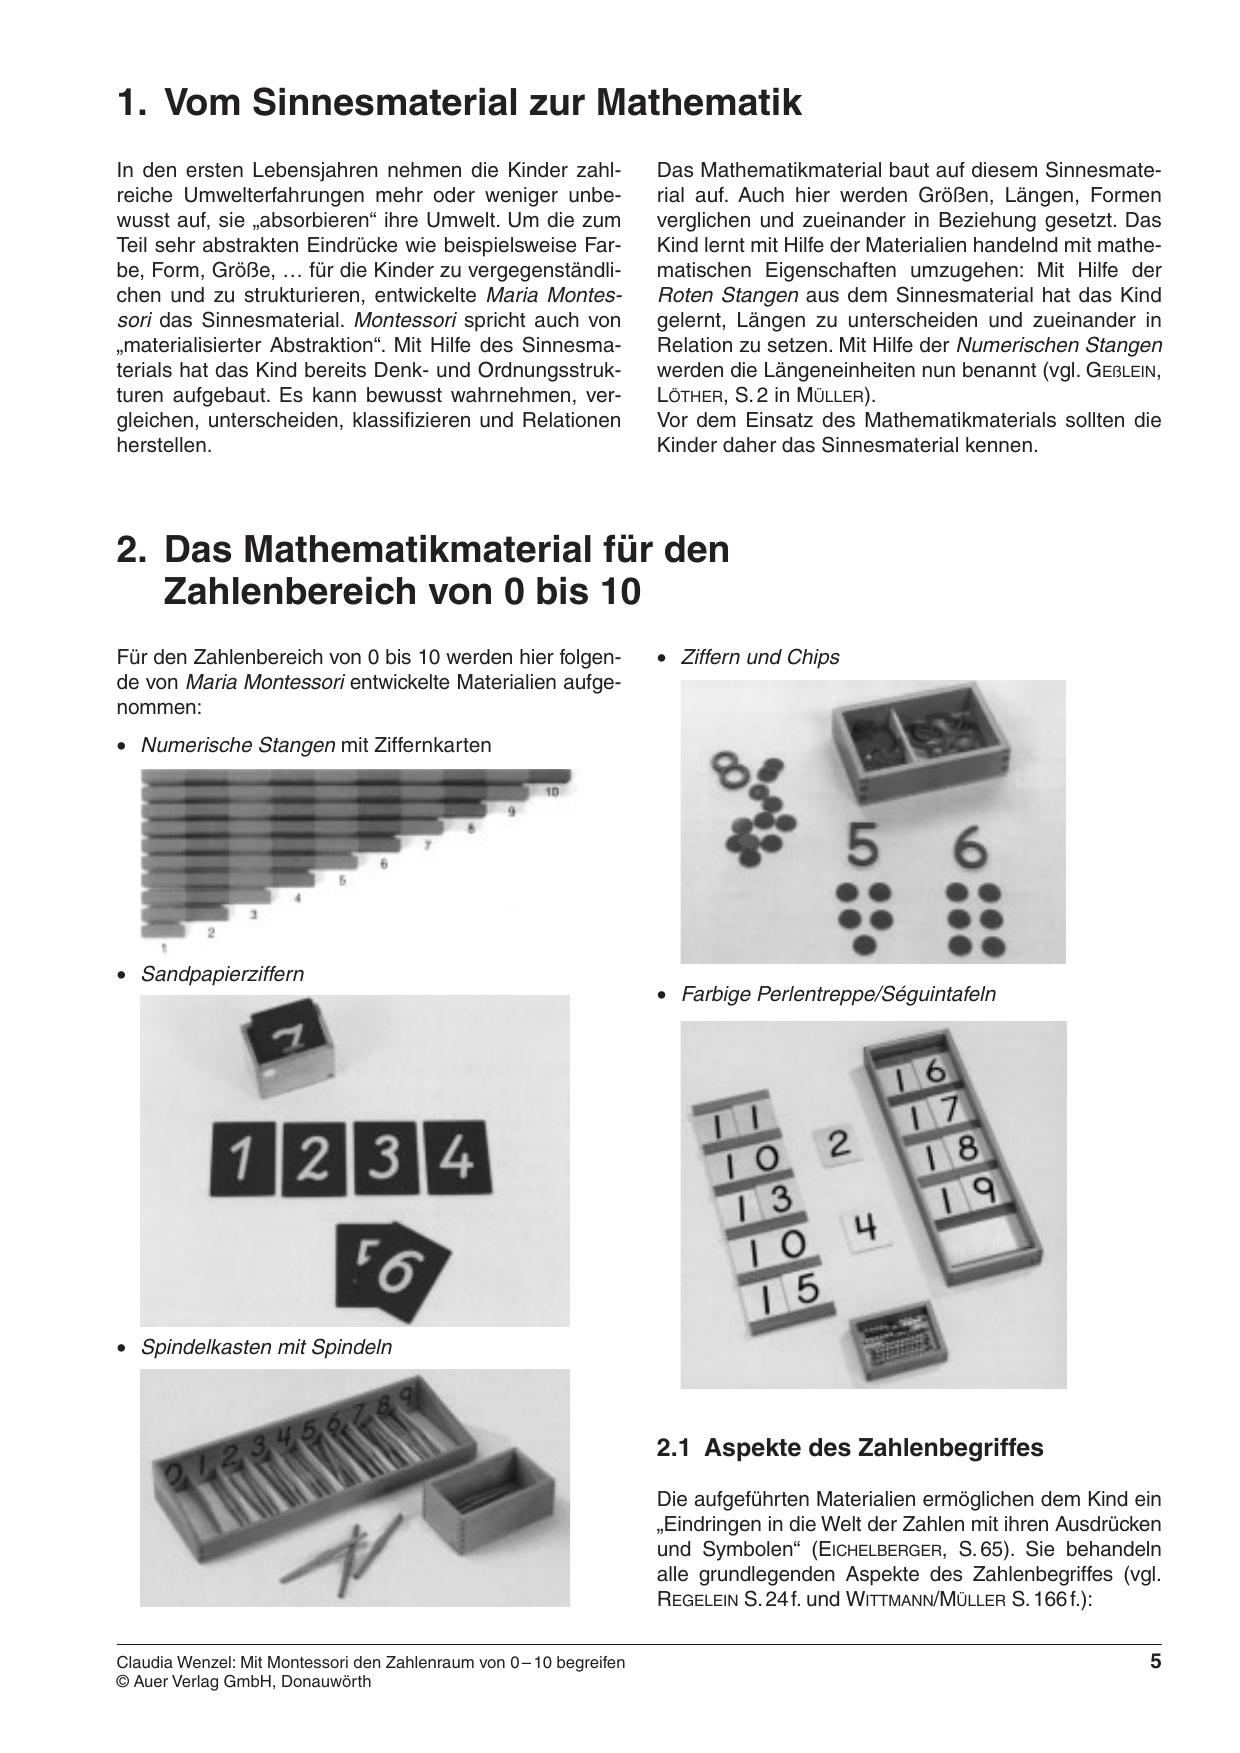 1. Vom Sinnesmaterial zur Mathematik 2. Das Mathematikmaterial